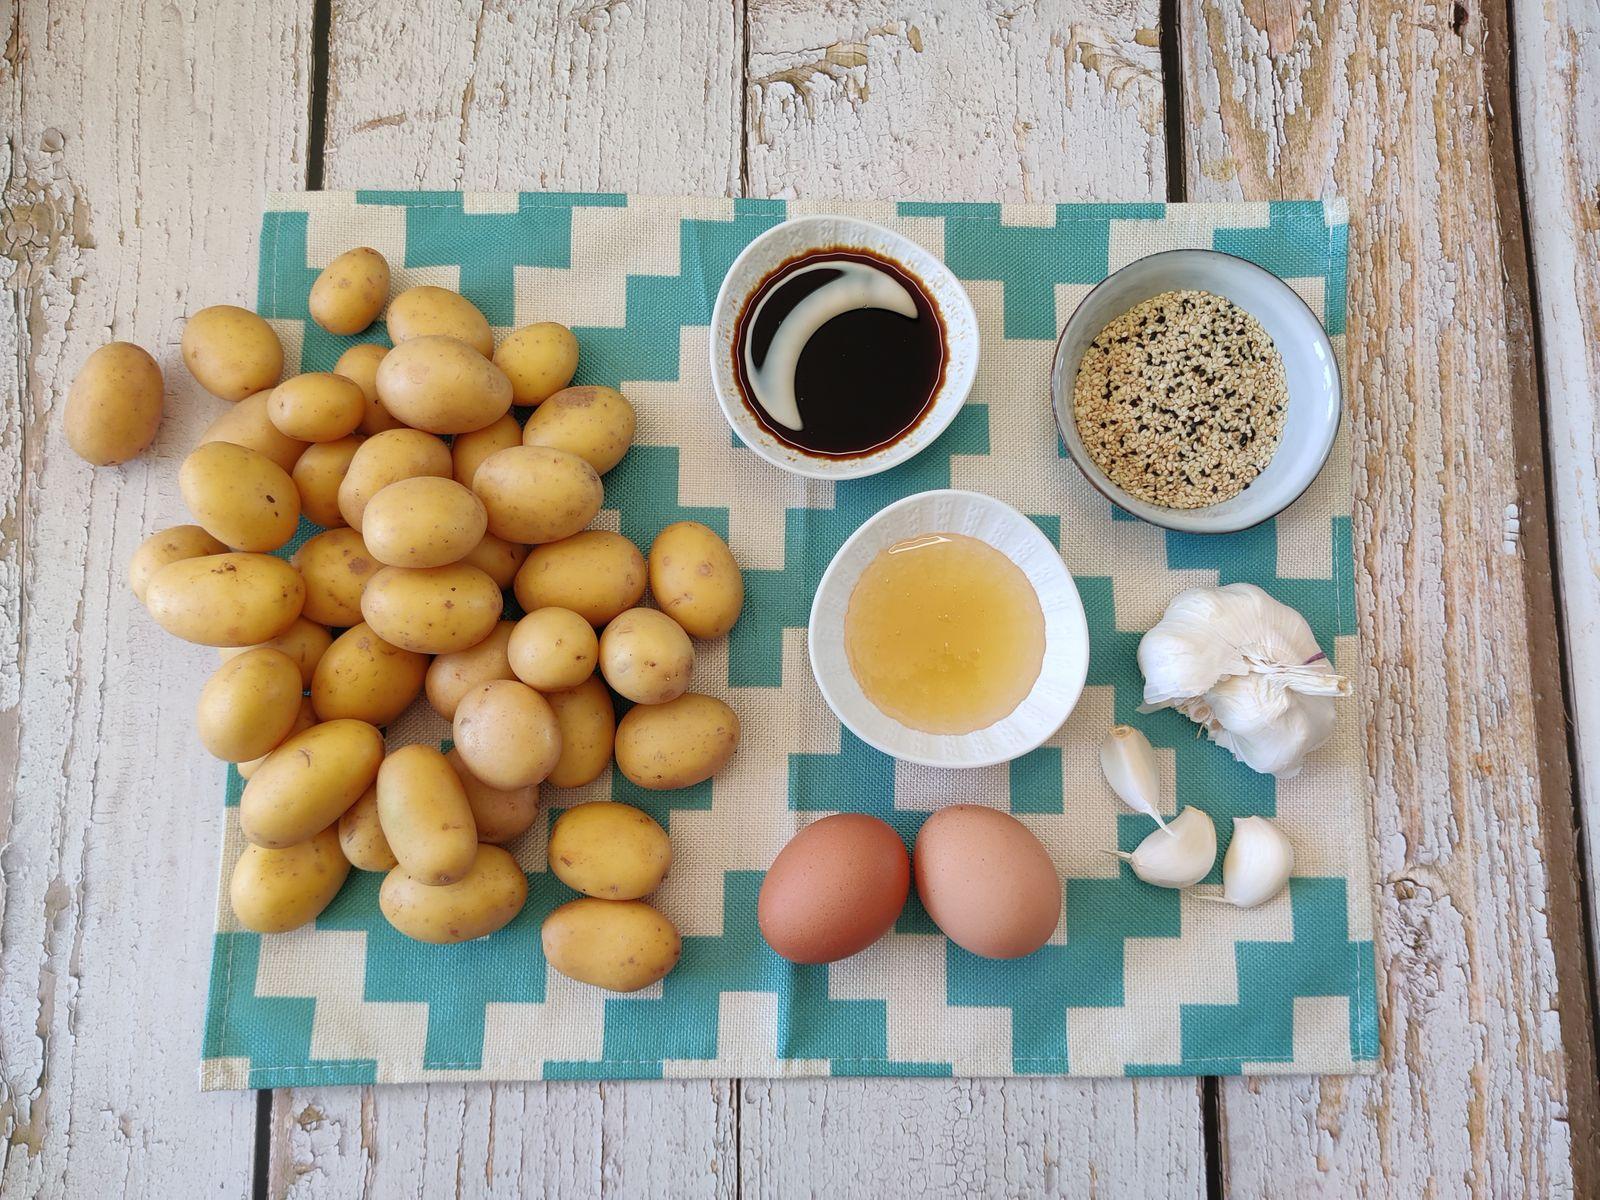 Kochen ohne Kohle: Koreanische Kartoffeln